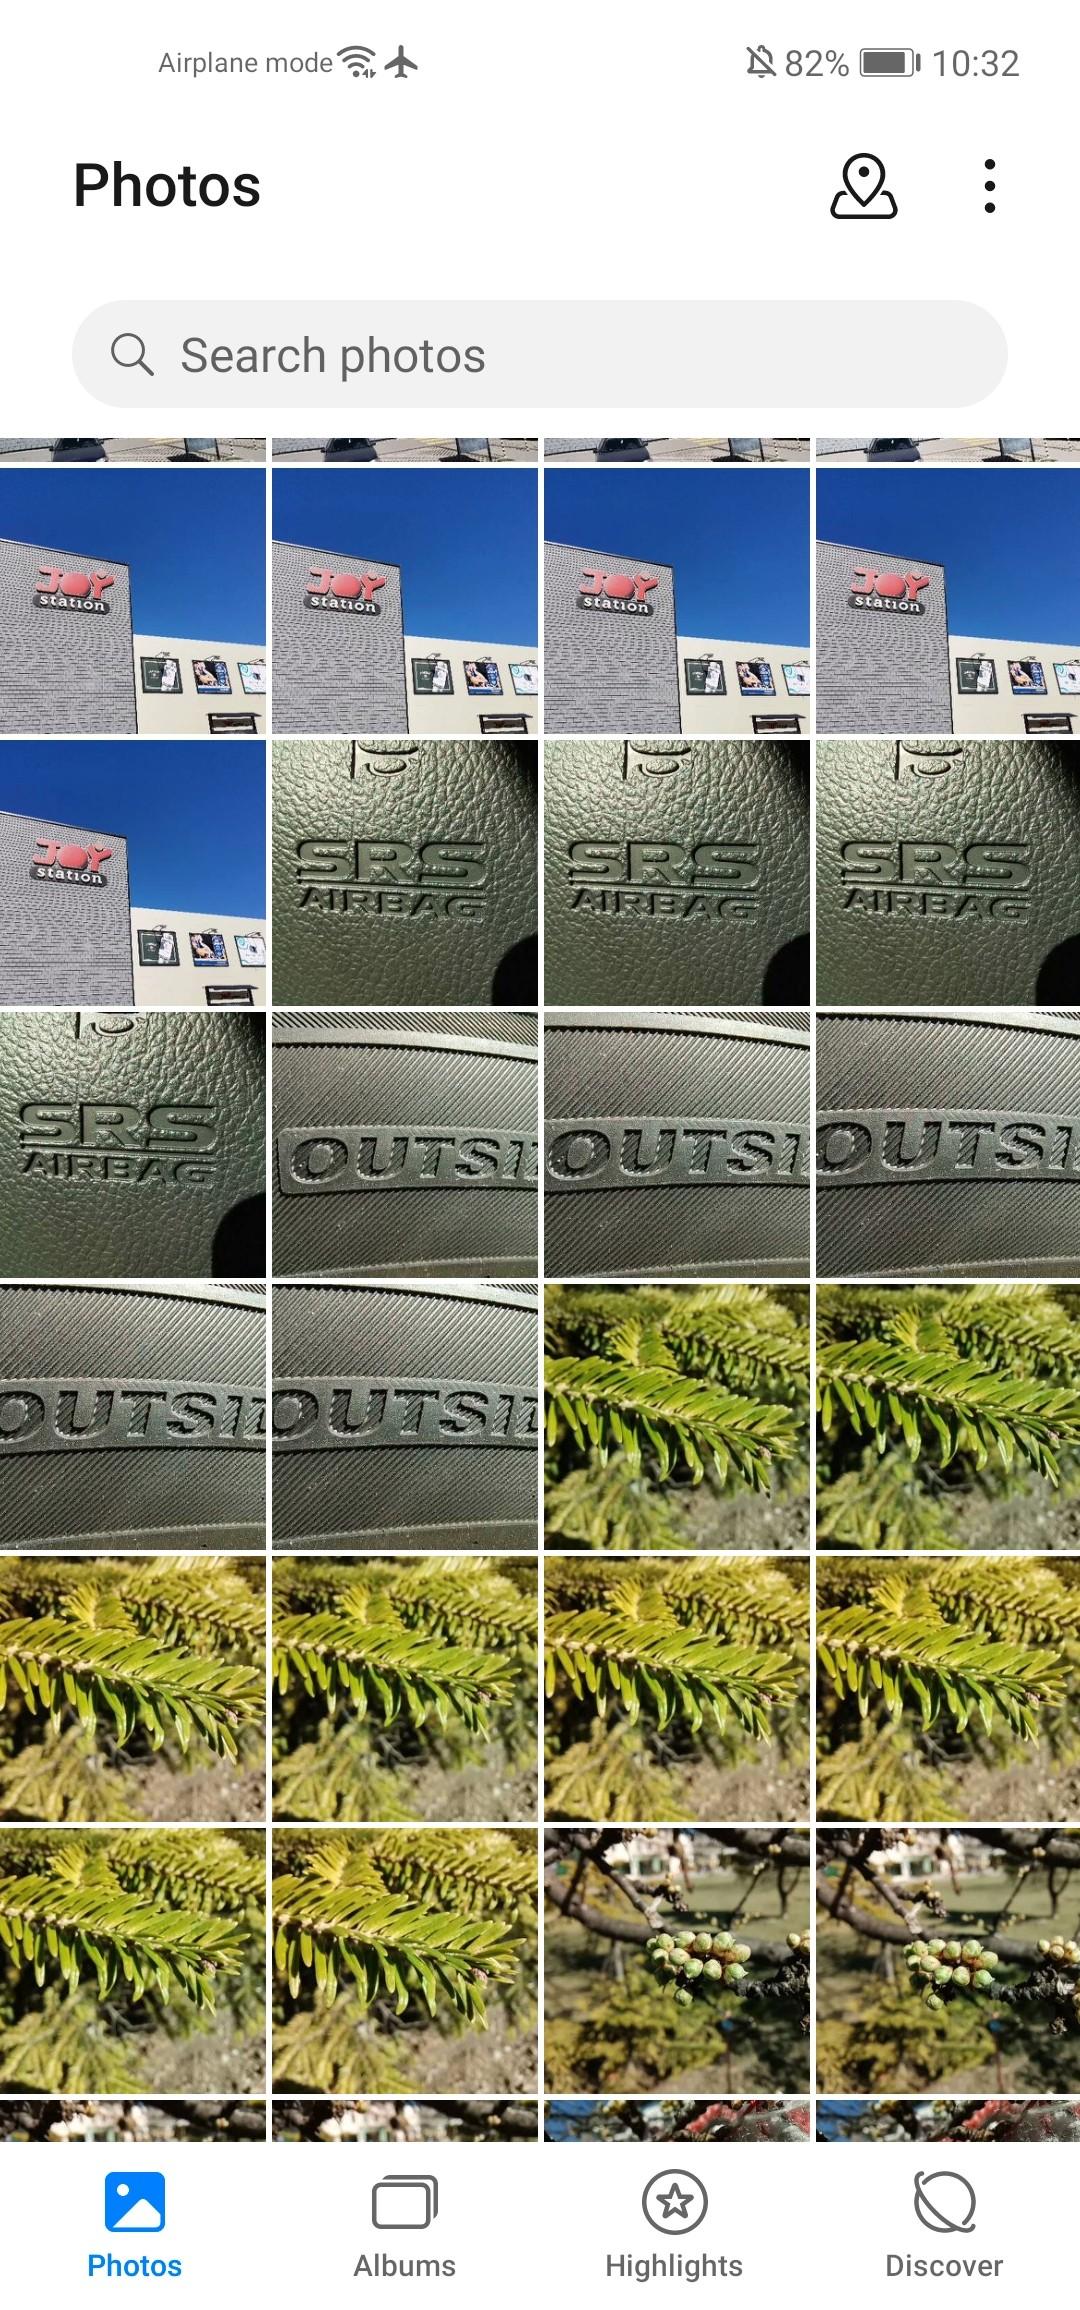 روکیدا | بررسی و نقد گوشی P40 Lite هوآوی با نمونه تصاویر دوربین؛ خیز برای پادشاهی در بین میانردهها؟ | قیمت گوشی P40 Lite, قیمت گوشی P40 لایت هوآوی, مشخصات گوشی P40 Lite, نقد و بررسی, نقد و بررسی گوشی موبایل, هوآوی, گوشی P40 Lite, گوشی P40 Lite هوآوی, گوشی P40 لایت هوآوی